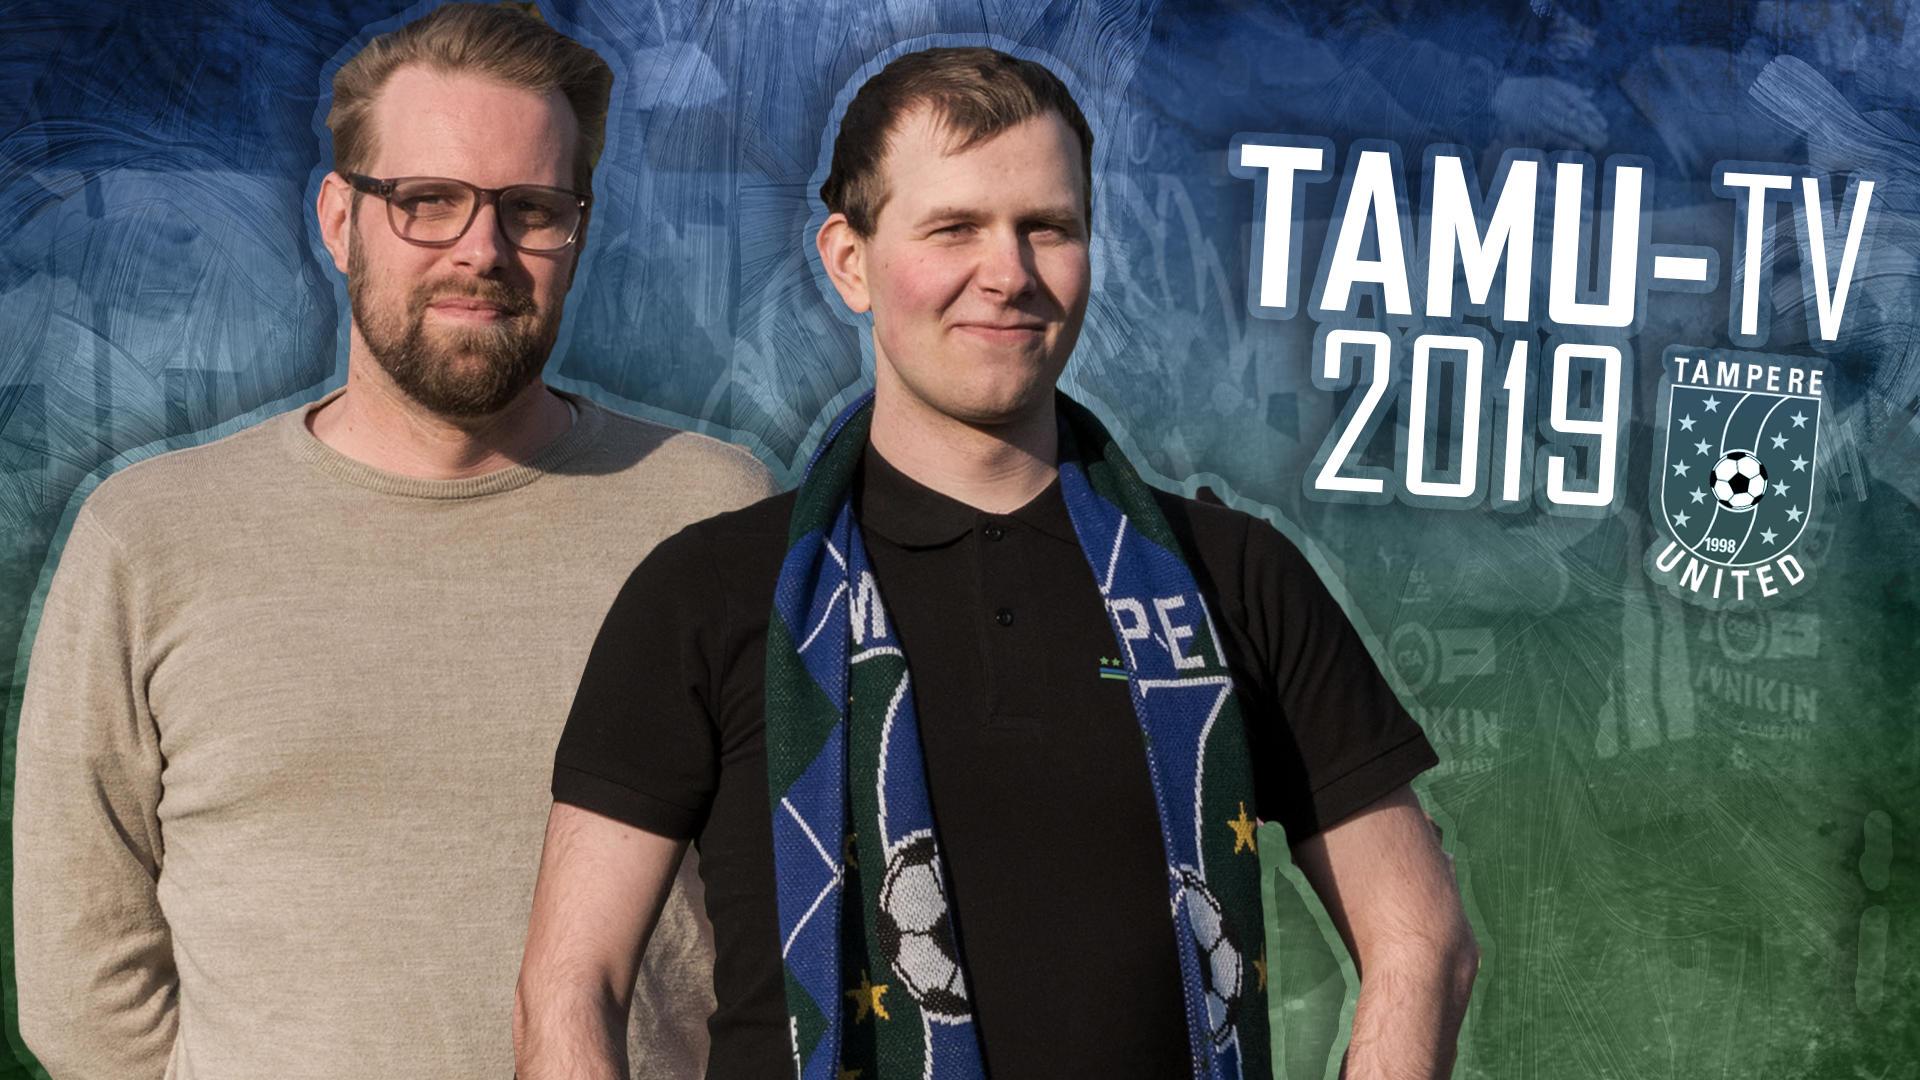 Esittelyssä TamU-TV:n uudet kasvot ja äänet -uutiskuva